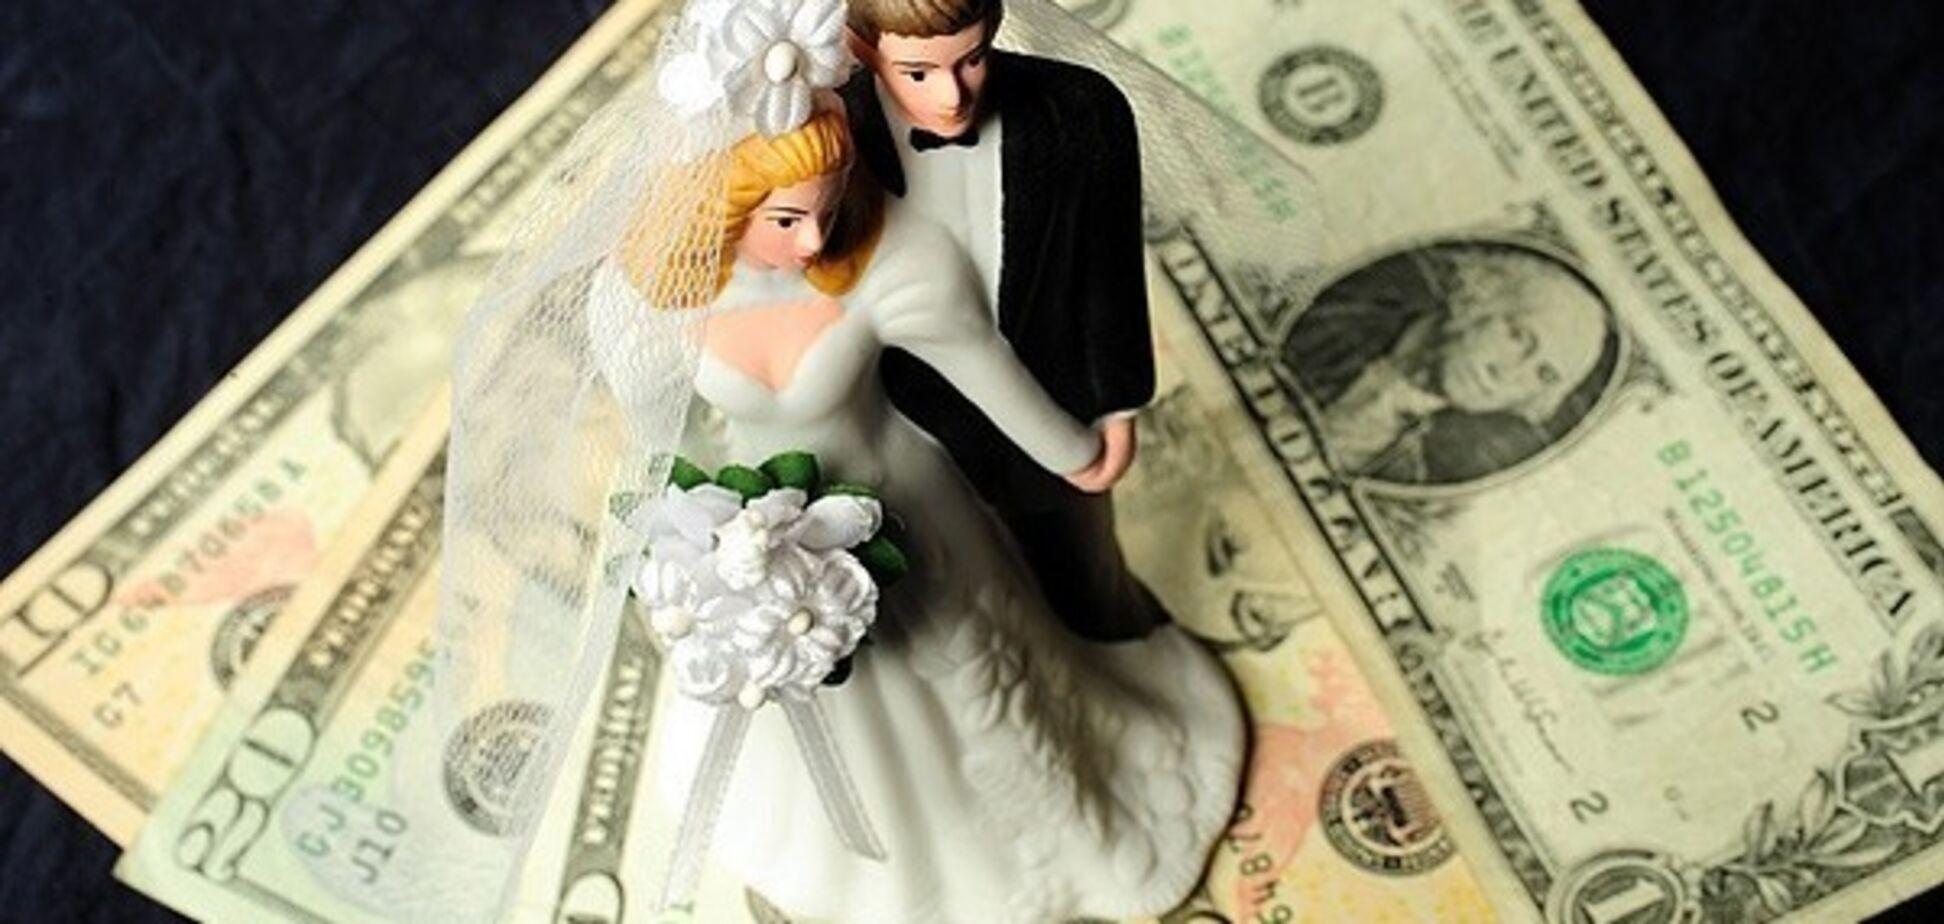 Свадьба за одну гривню: адвокат раскрыла коррупционные схемы